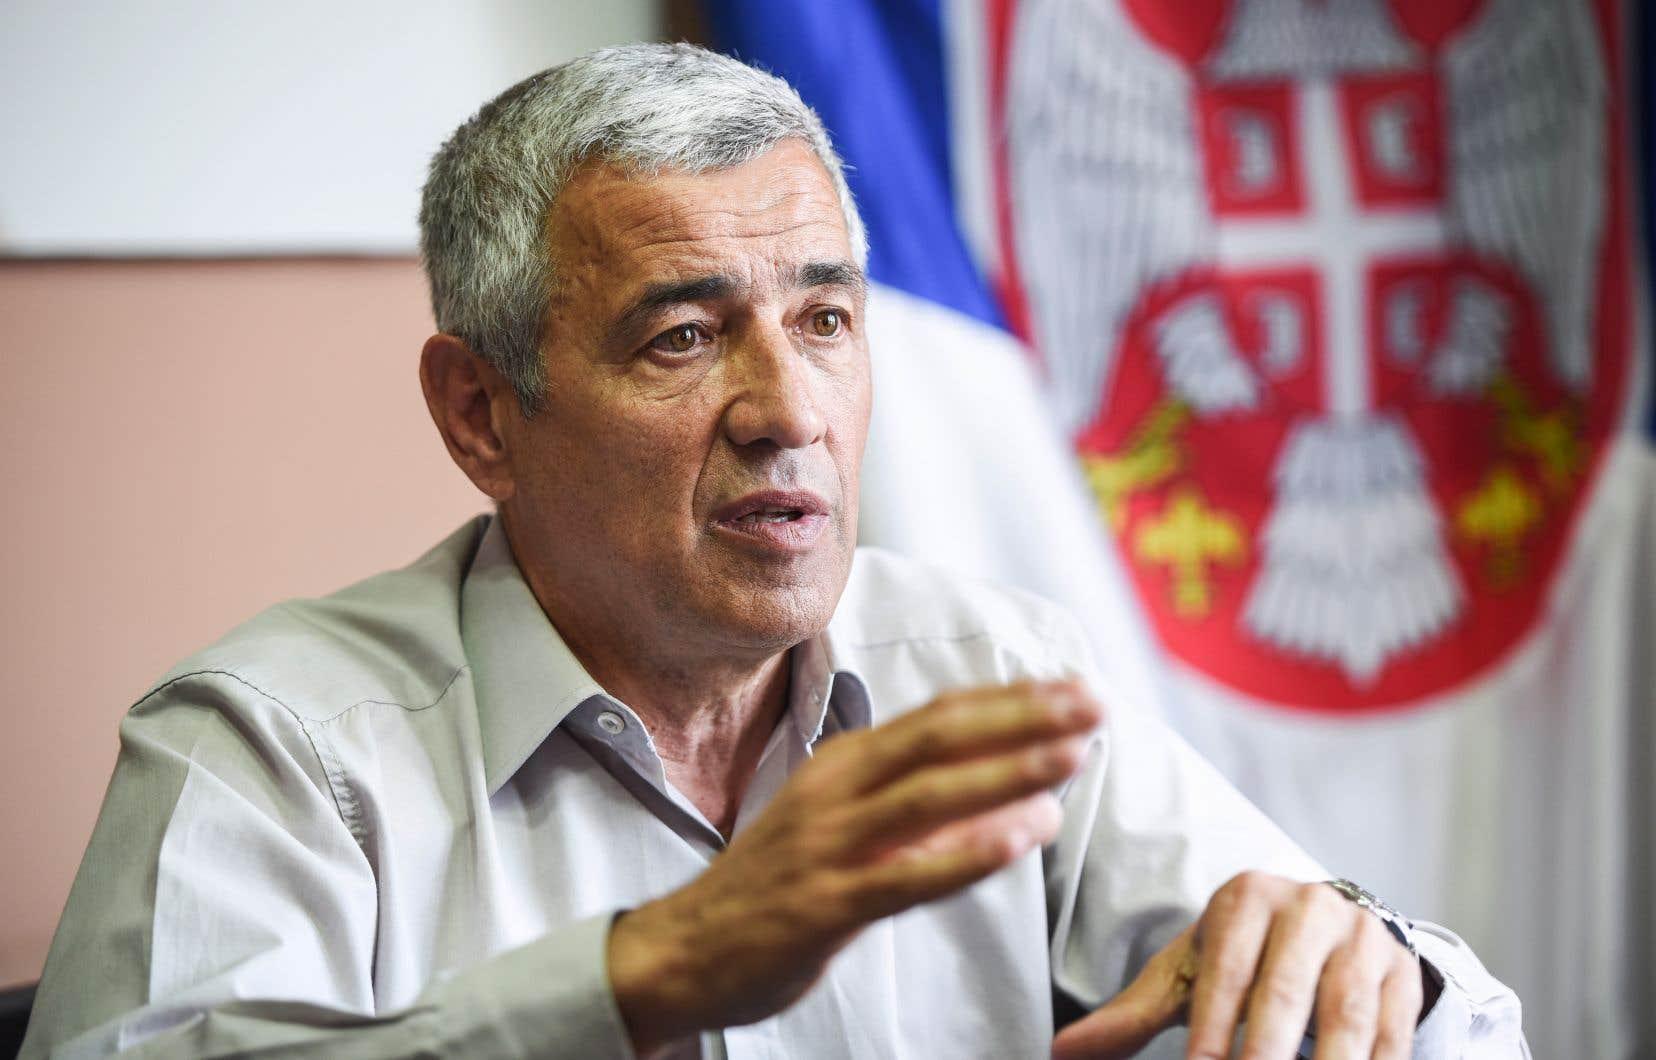 Le leader politique serbe Oliver Ivanovic, en mai dernier